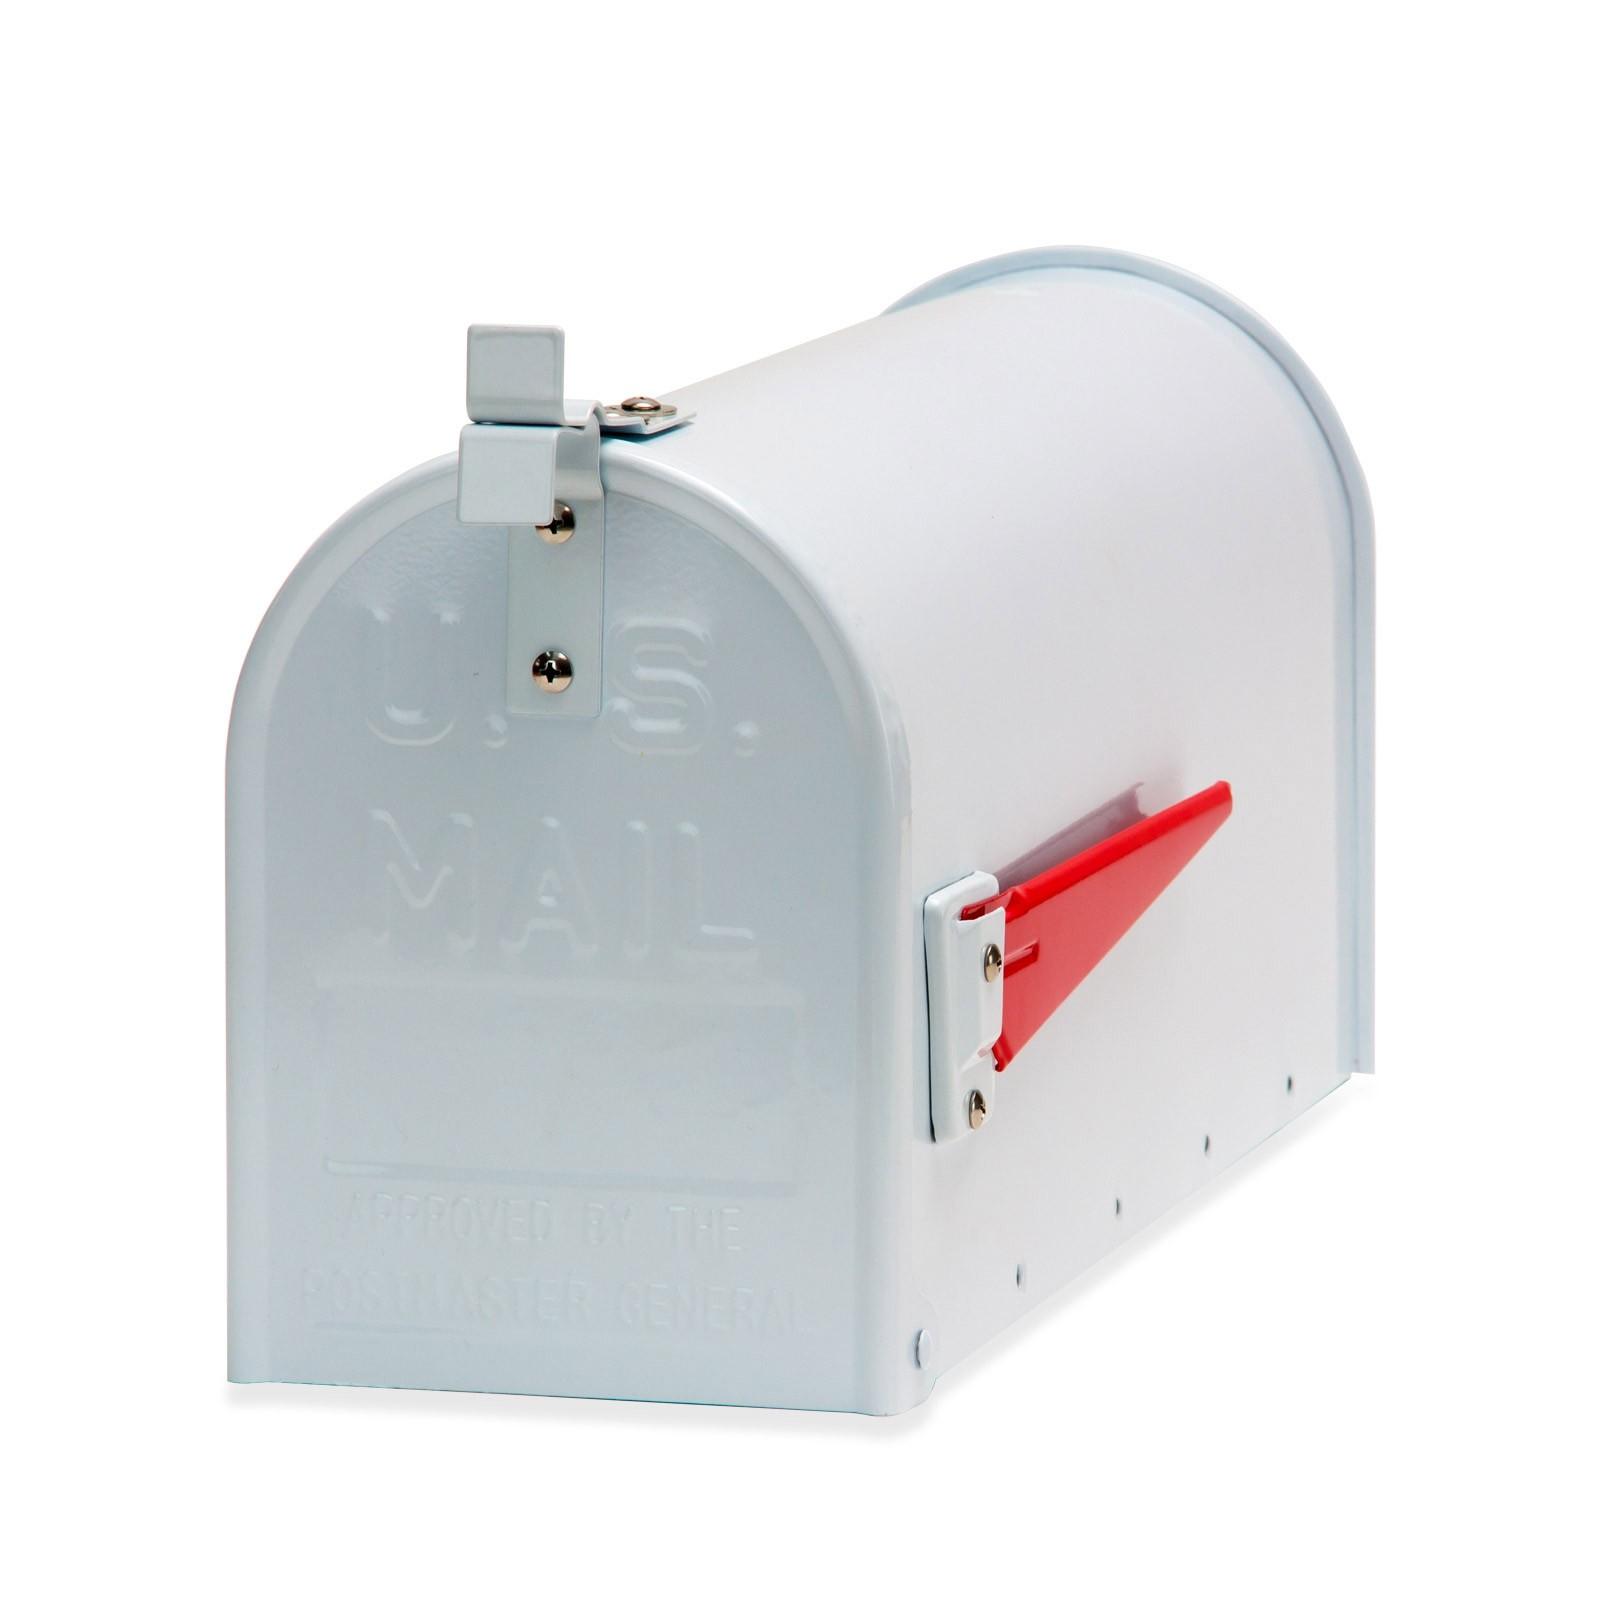 amerikanischer briefkasten american mailbox zeitungsrolle postkasten alu wei ebay. Black Bedroom Furniture Sets. Home Design Ideas